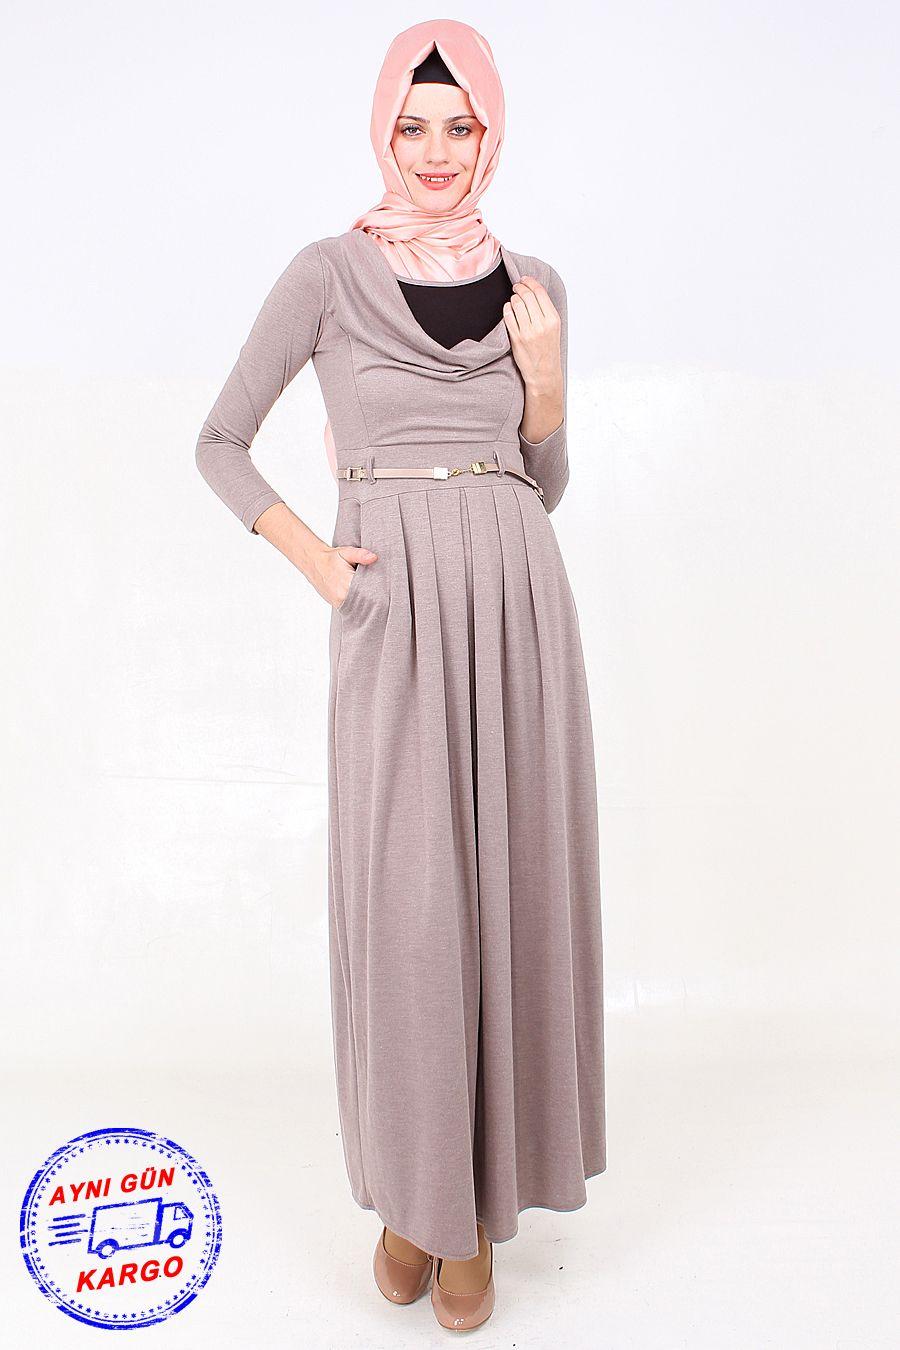 Bol Yaka Cepli Vizon Tesettur Elbise Modeli Viskon Kumastan Uretilmis Olup 145 Cm Boyundadir Urun Astarsizdir Elbise Modelleri Elbise Elbiseler